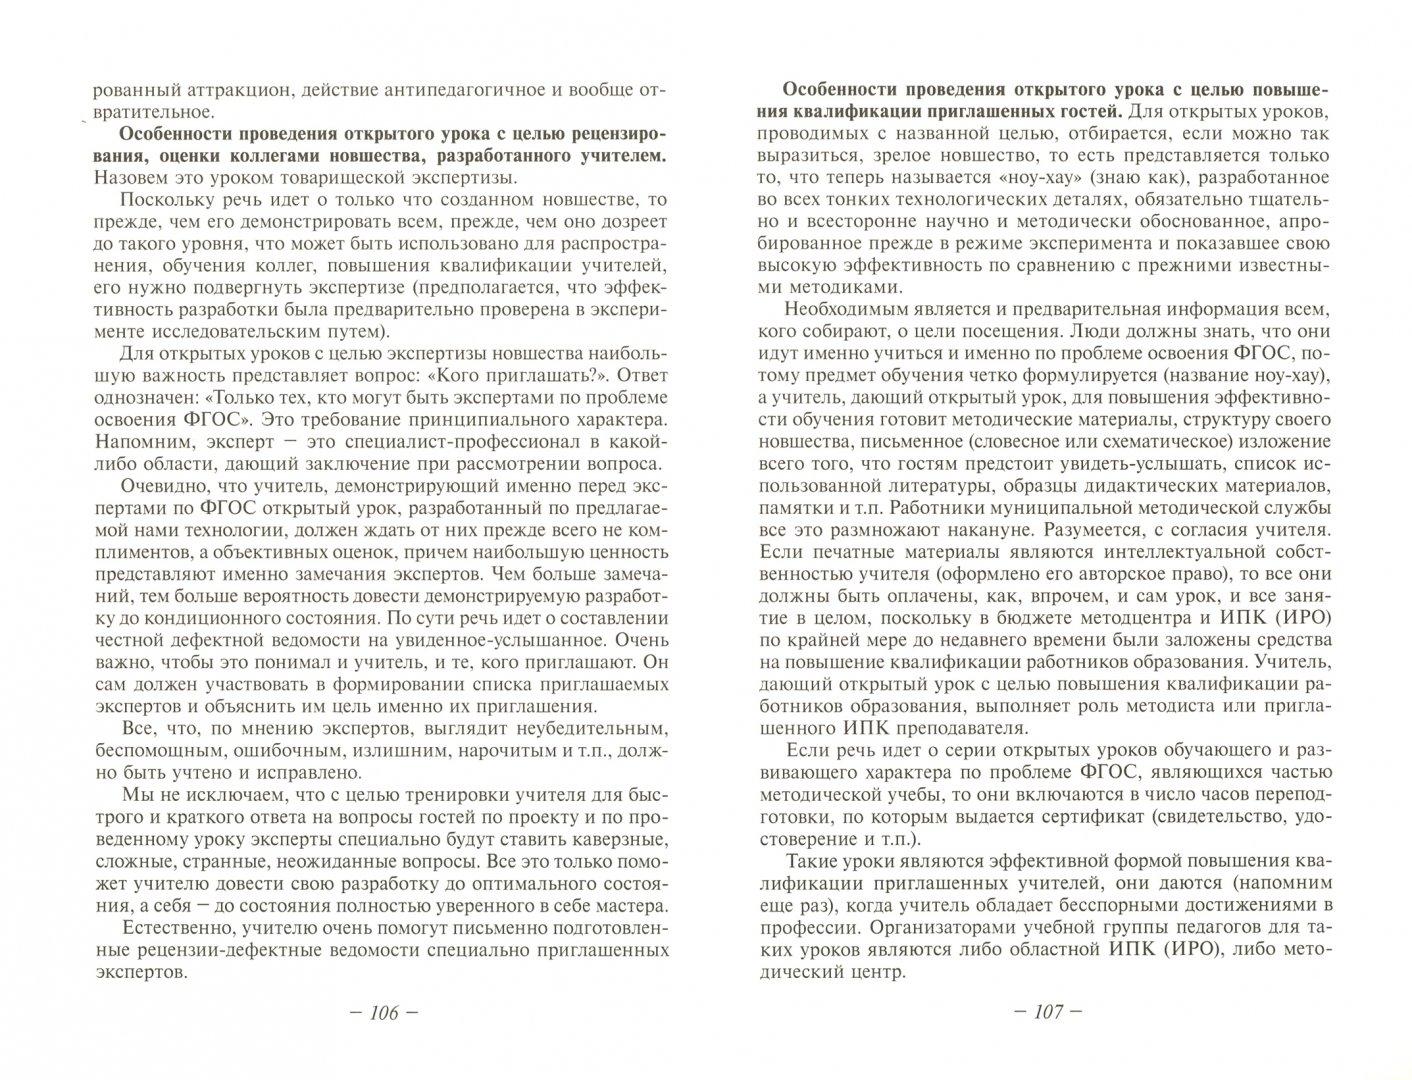 Иллюстрация 1 из 20 для Освоение ФГОС. Методические материалы для учителя - Поташник, Левит | Лабиринт - книги. Источник: Лабиринт